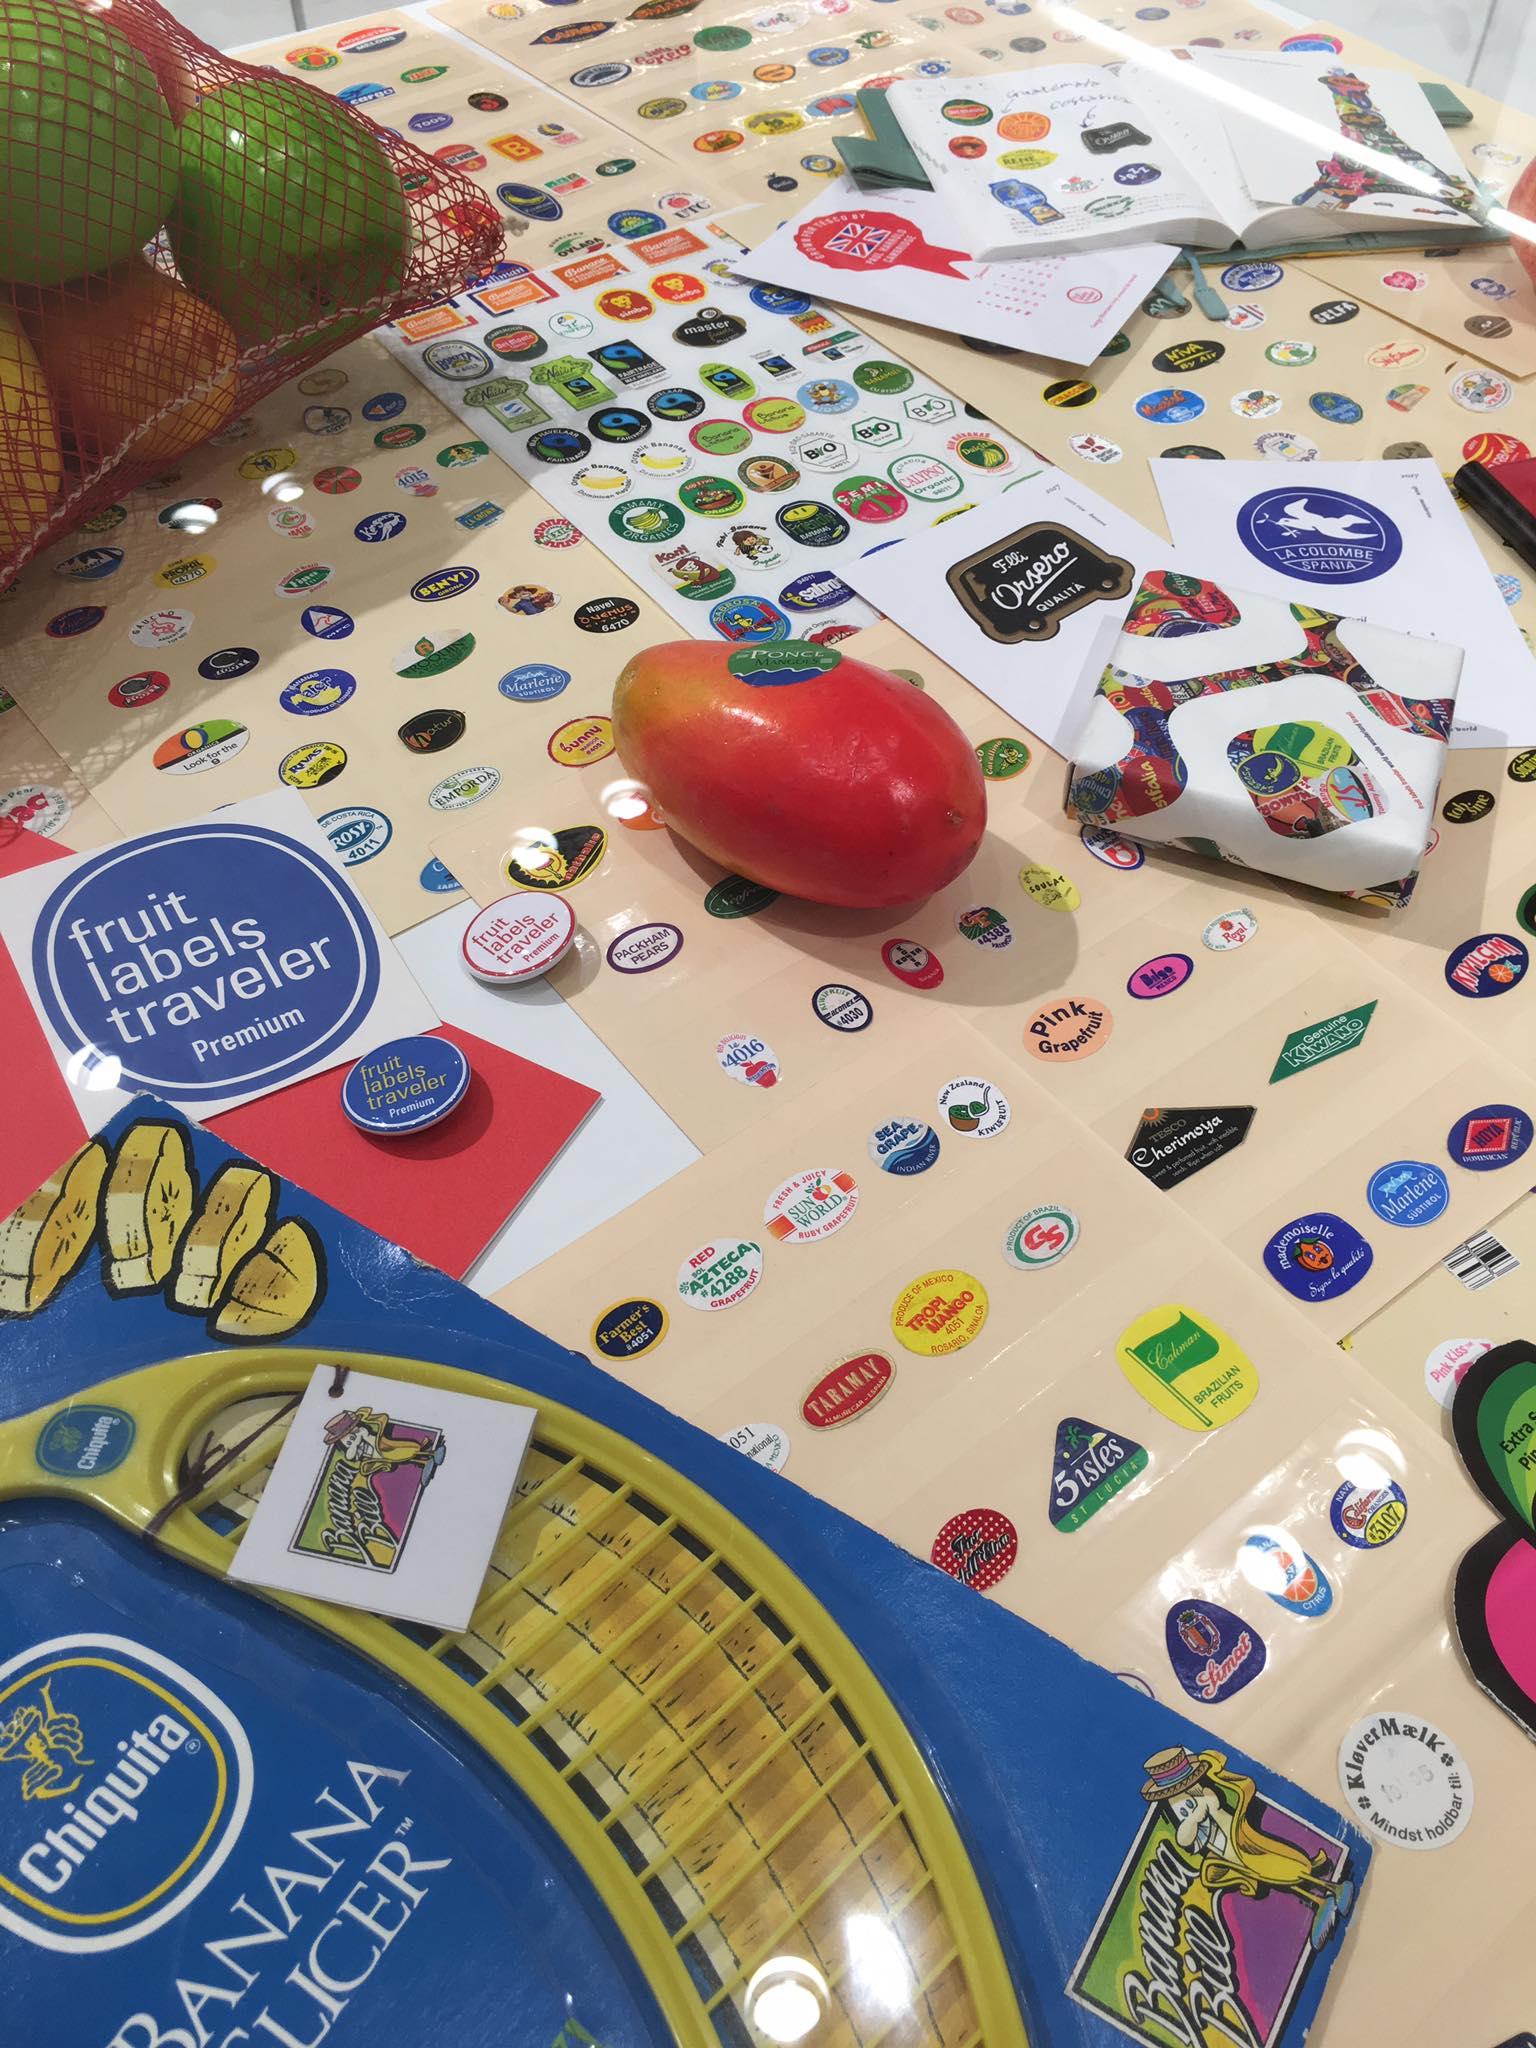 ほぼ日手帳|On the Desk + fruit labels traveler